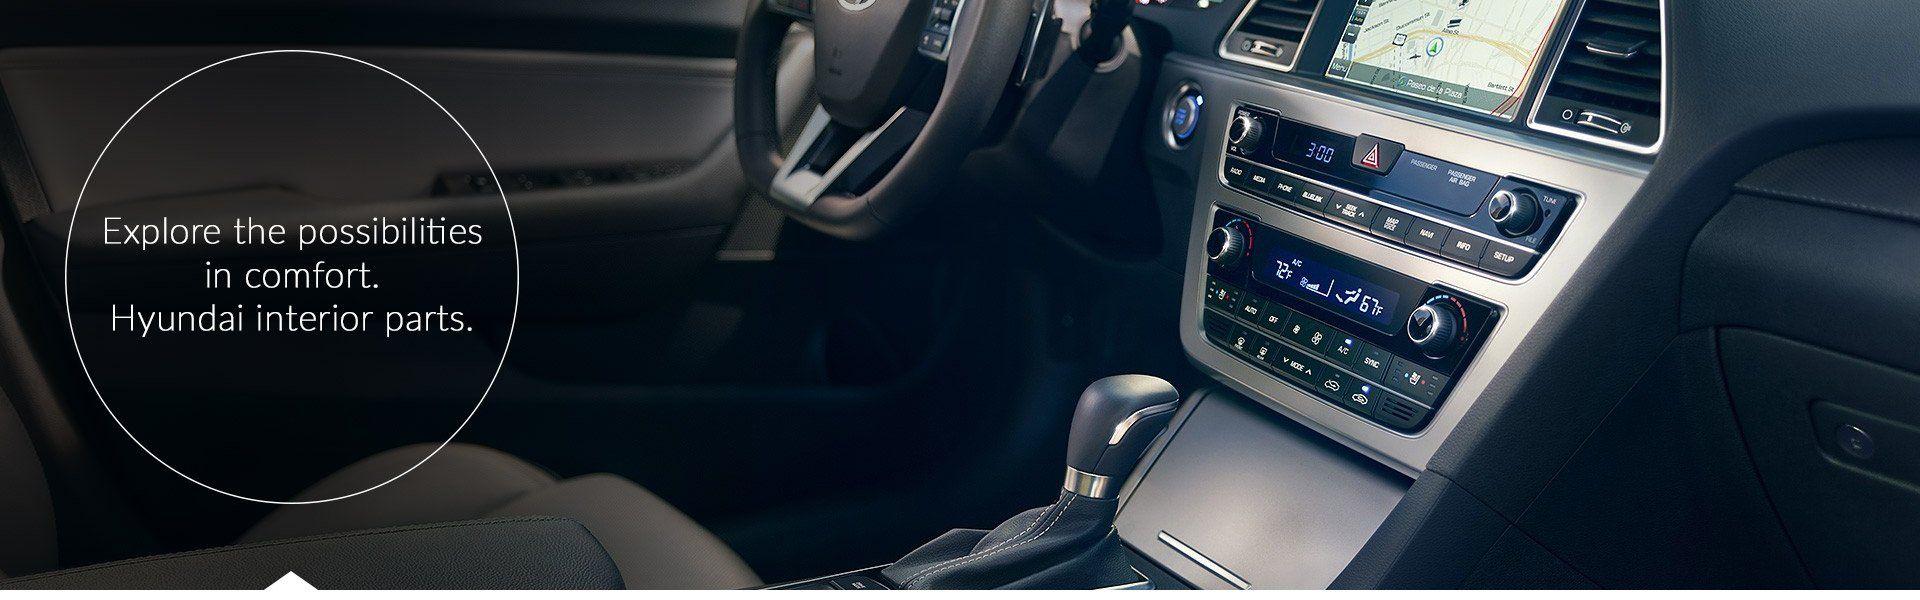 Hyundai interior accessories